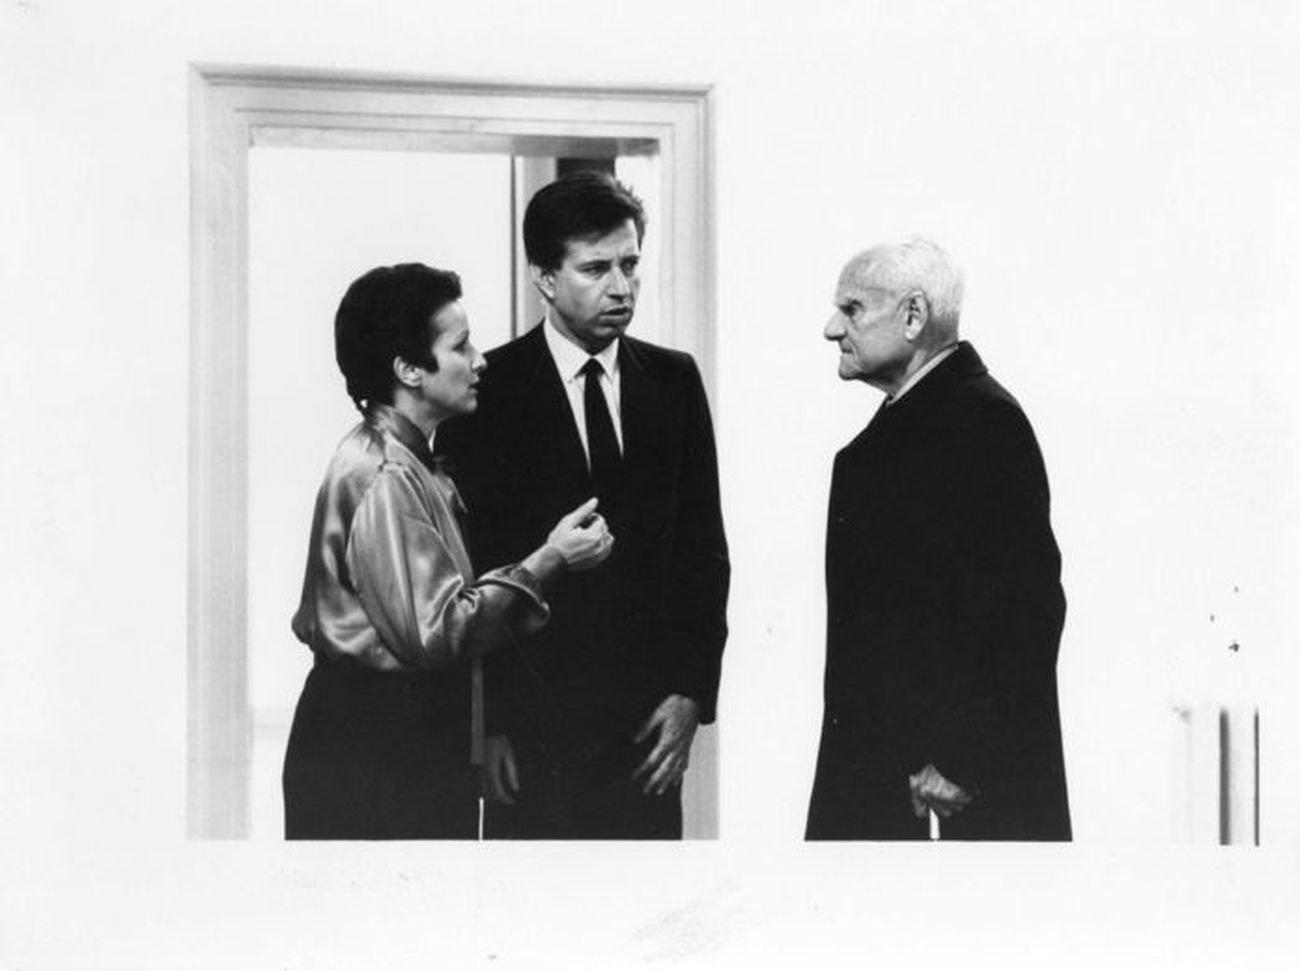 Dora Stiefelmeier, Mario Pieroni e Alberto Moravia in occasione dell'inaugurazione della mostra di Gilbert & George, Galleria Pieroni, Roma 1984. Photo Enrica Scalfari